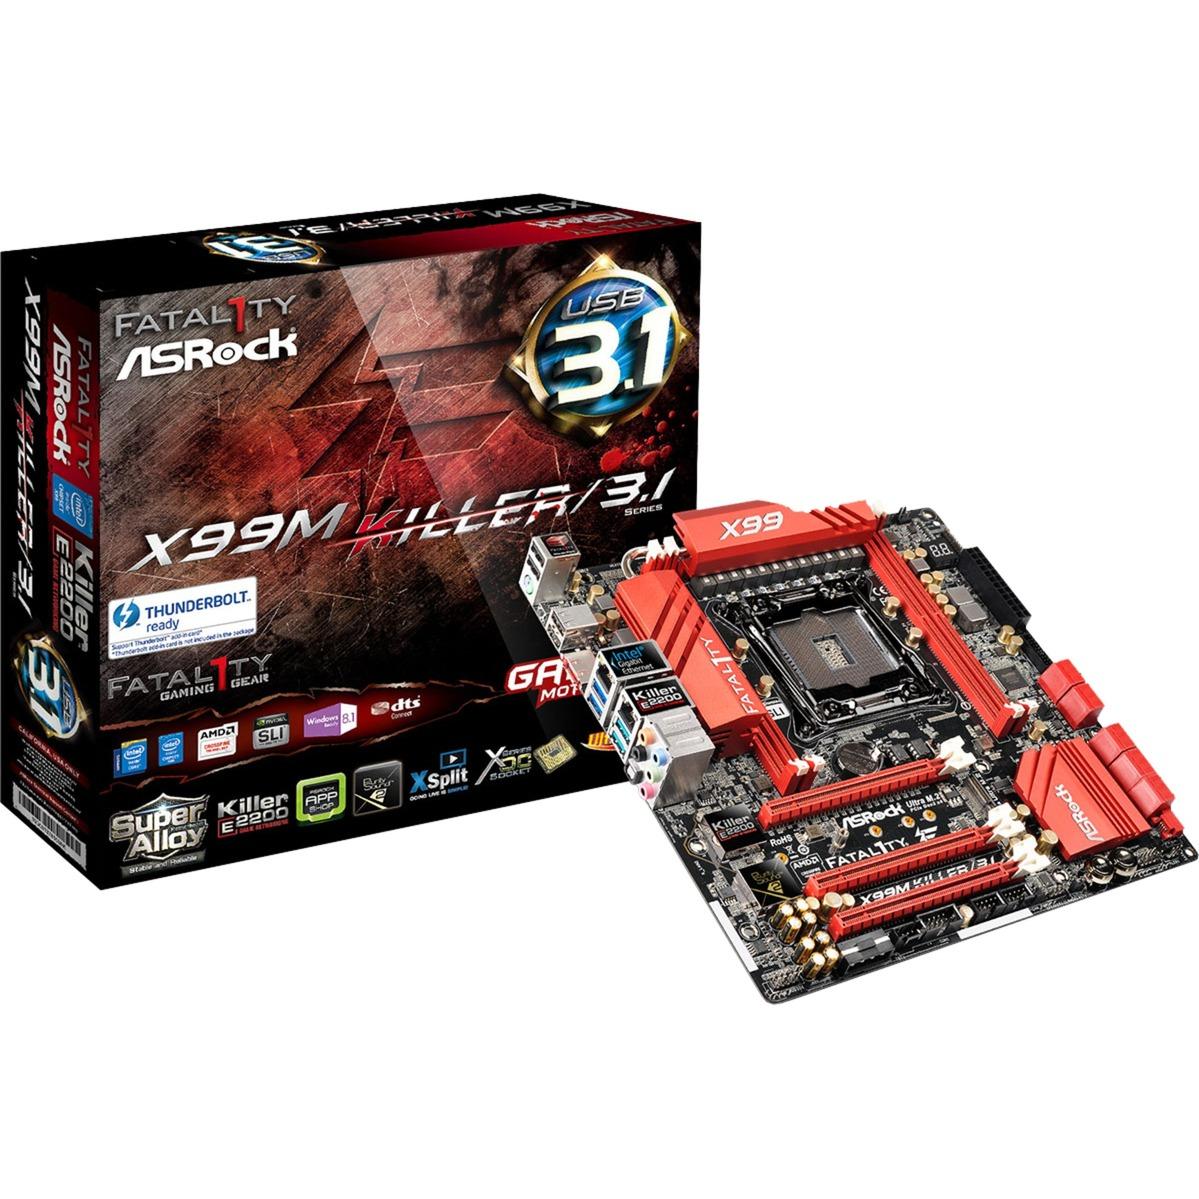 Fatal1ty X99M Killer/3.1 LGA 2011-v3 Intel X99 micro ATX, Placa base